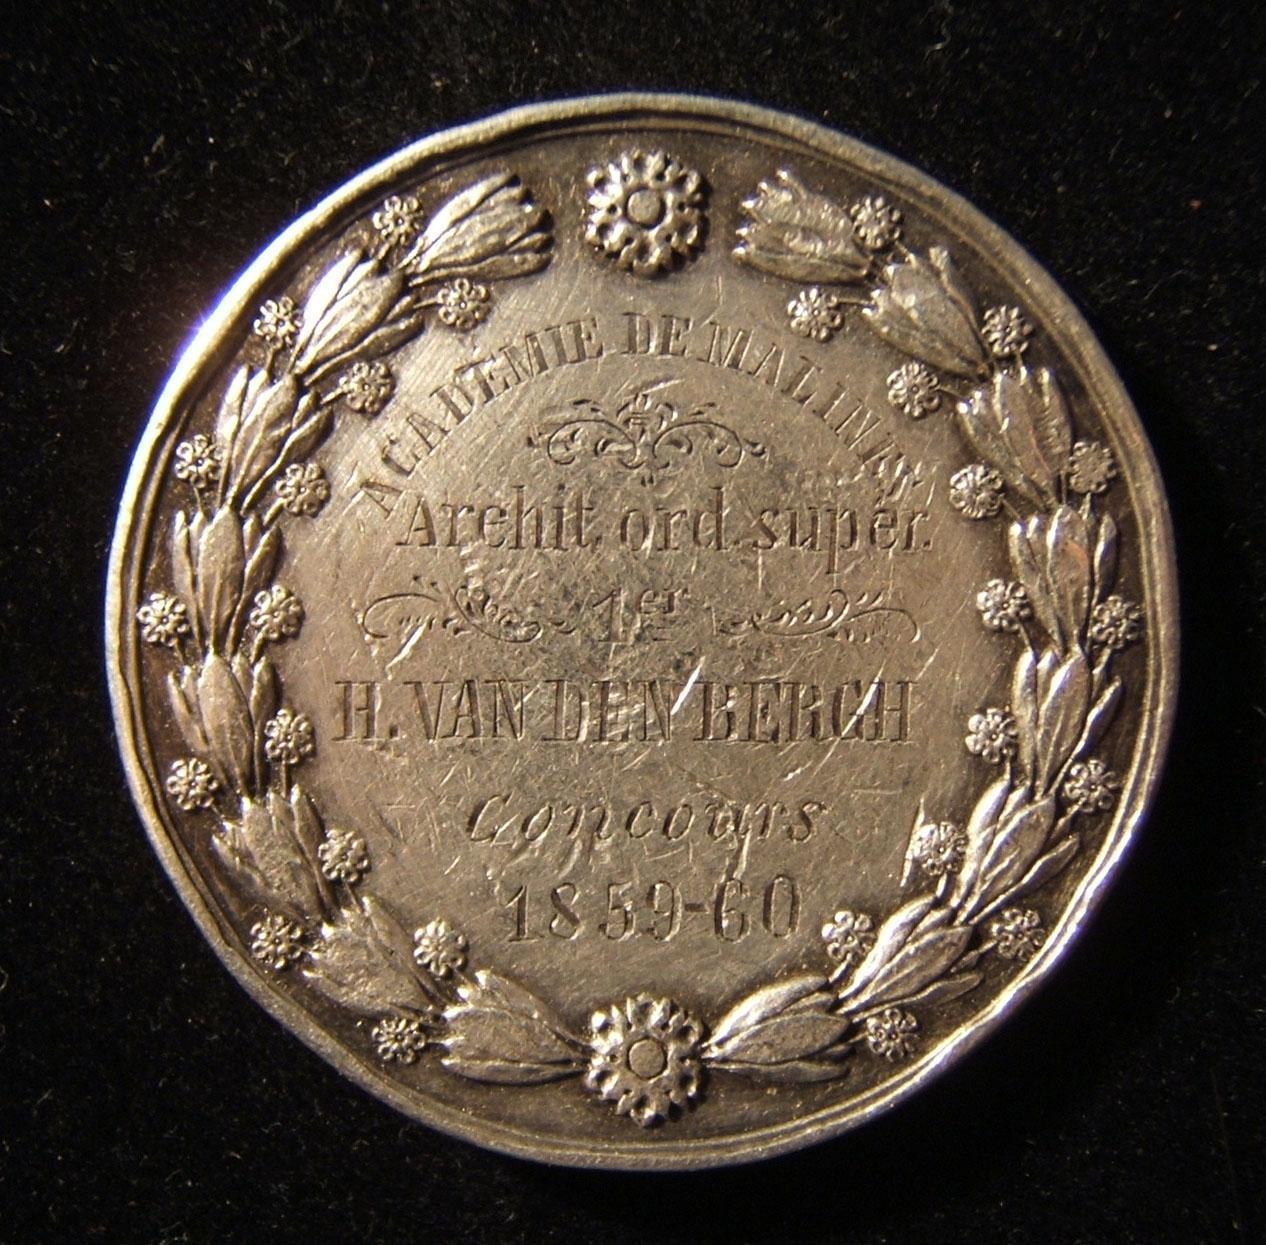 Belgien: Akademie de Malines [Mecheln] 1. Preis Silbermedaille an H. van den Bergh, 1859-60; Rückseite von Joseph Pierre Braemt; Größe: 37,75 mm; Gewicht: 23,7 g. Vorderseite: Lorb